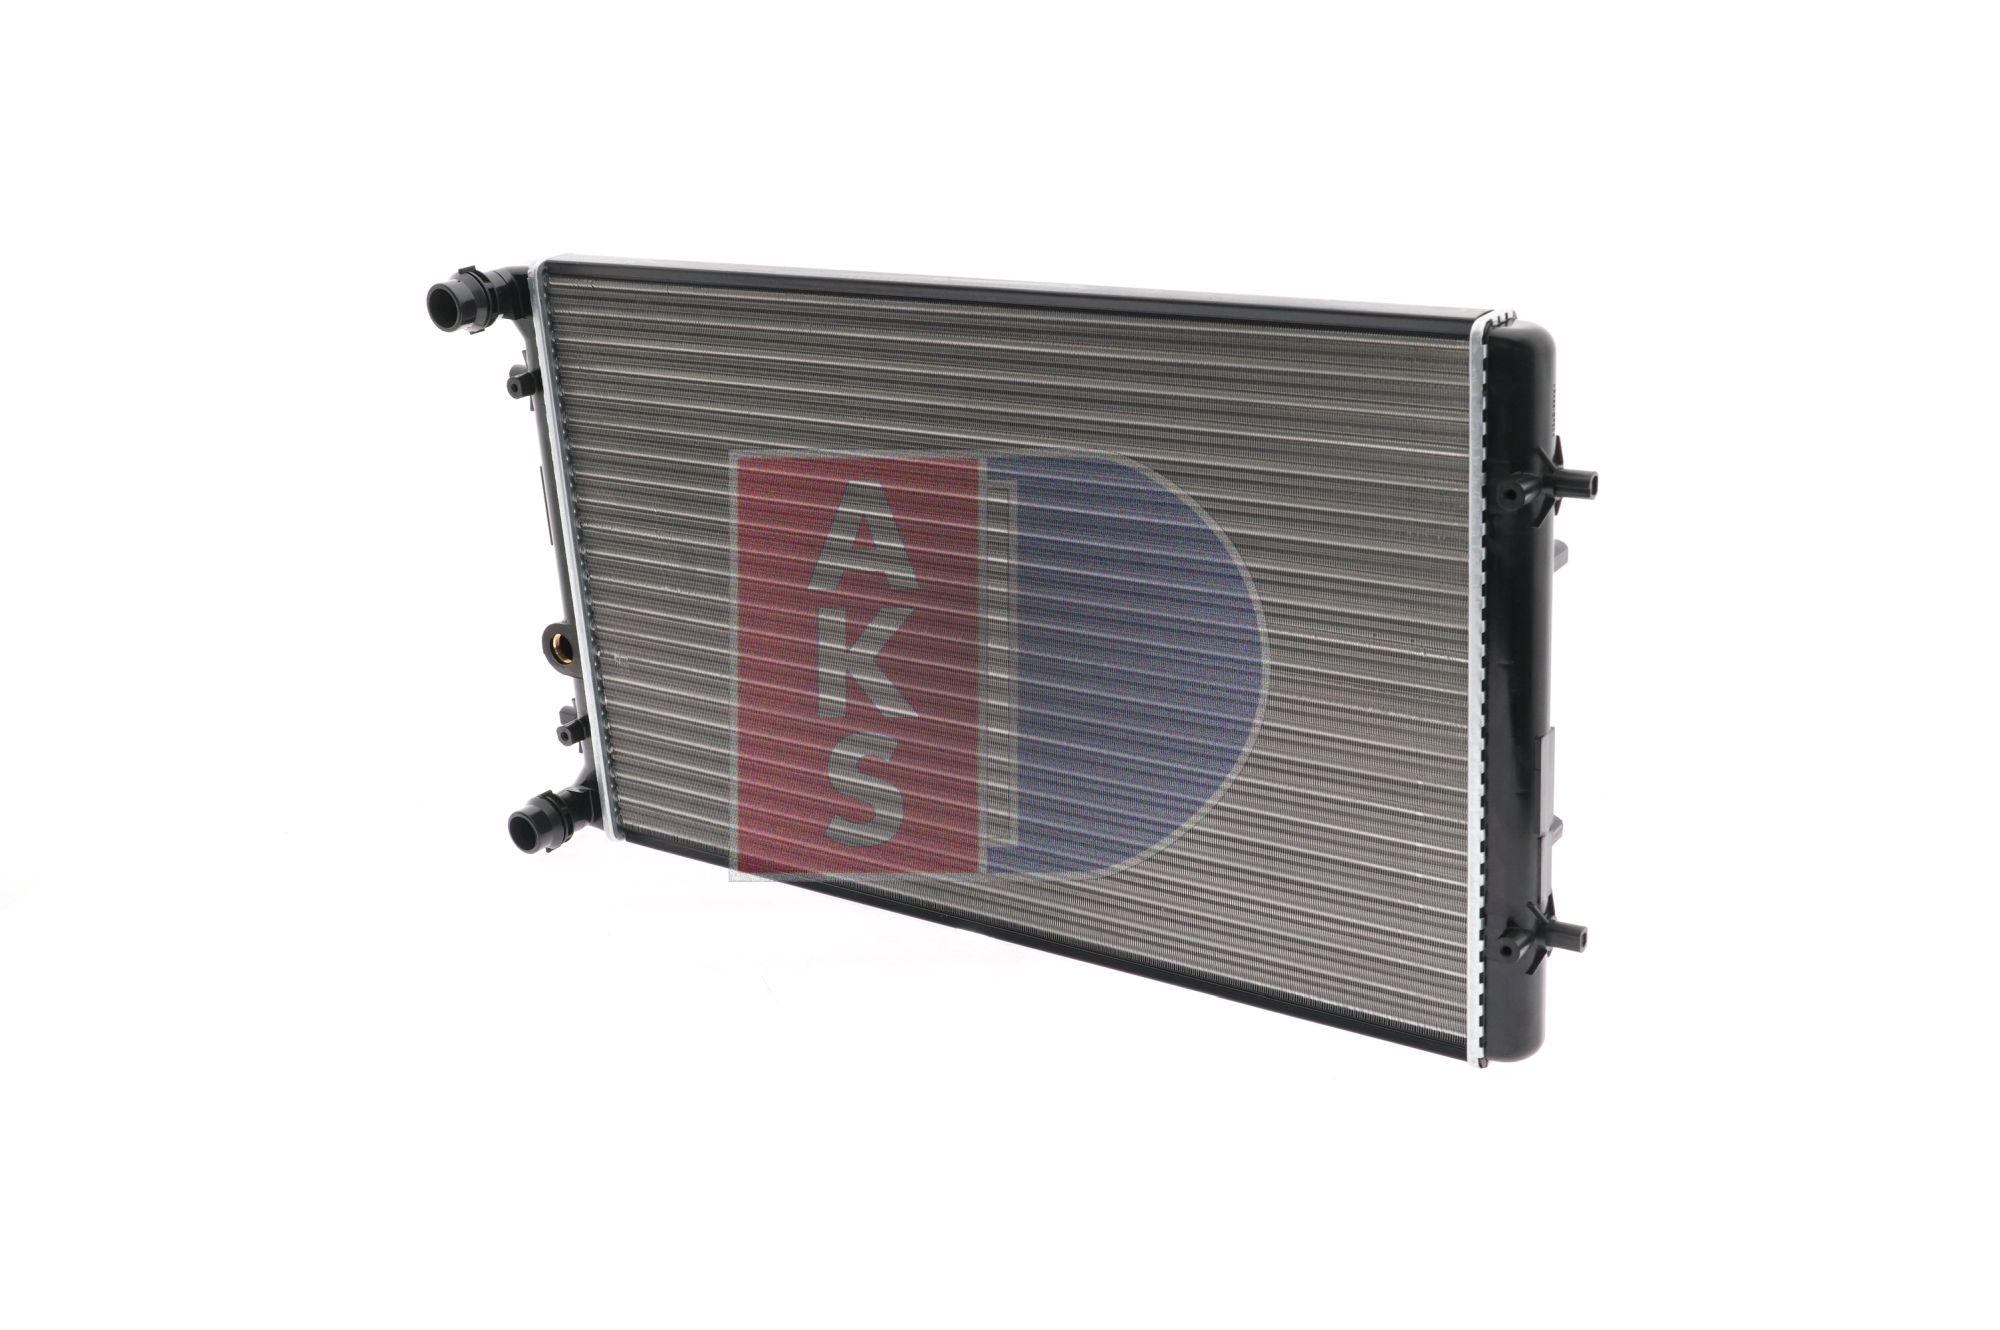 AKS DASIS Radiador arrefecimento do motor VW Aletas de refrigeração unidas mecanicamente